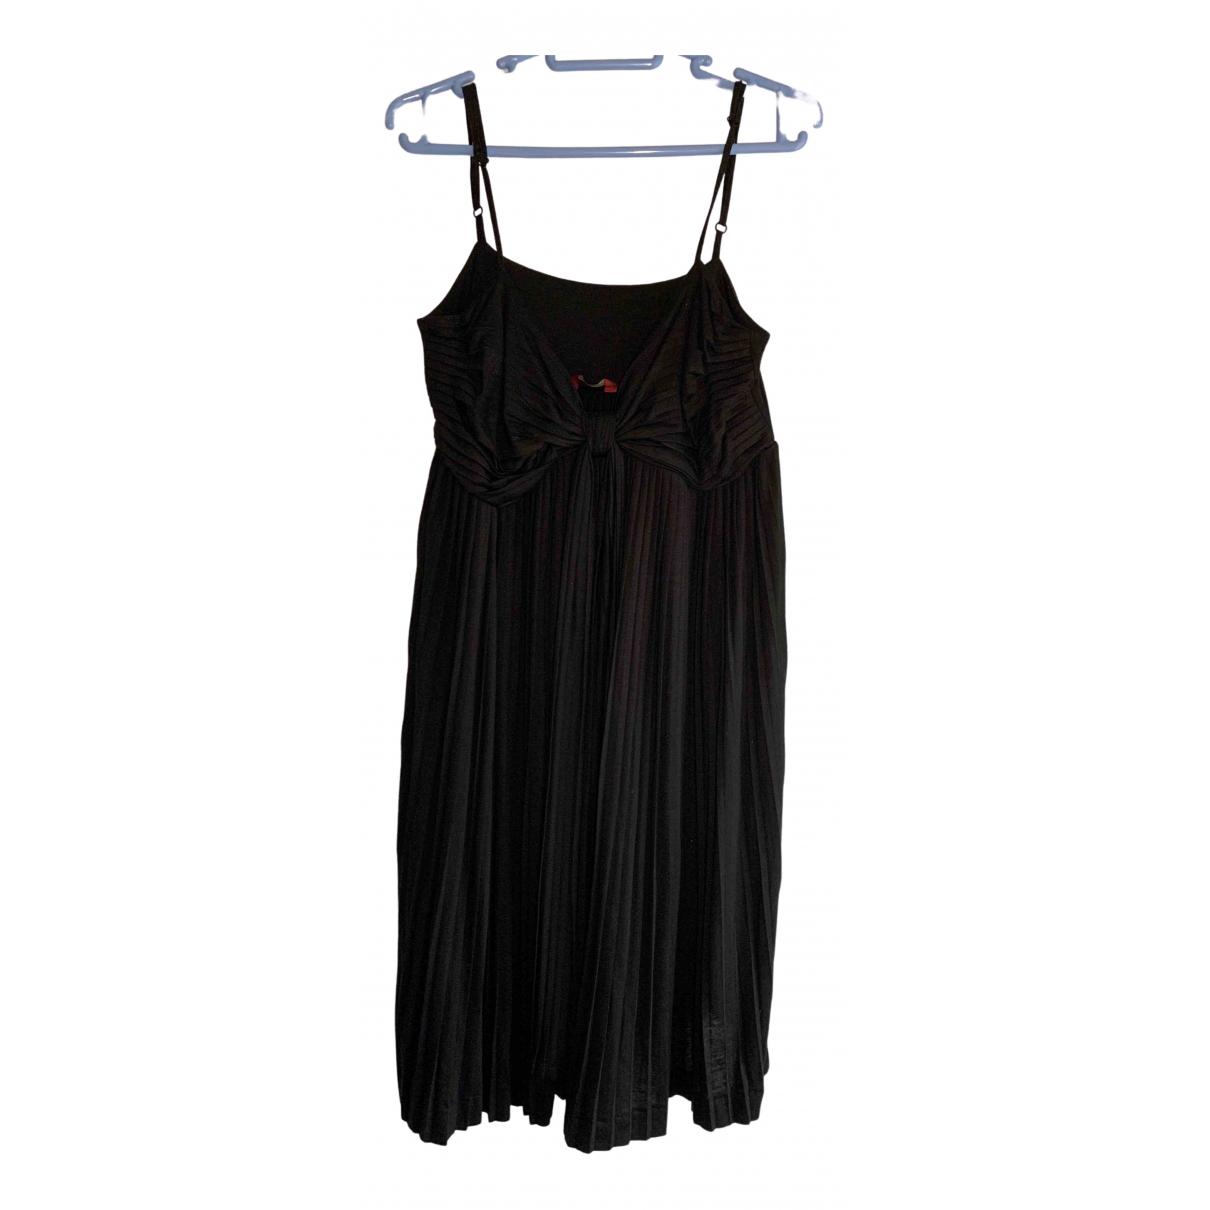 Ted Baker N Black dress for Women 2 US